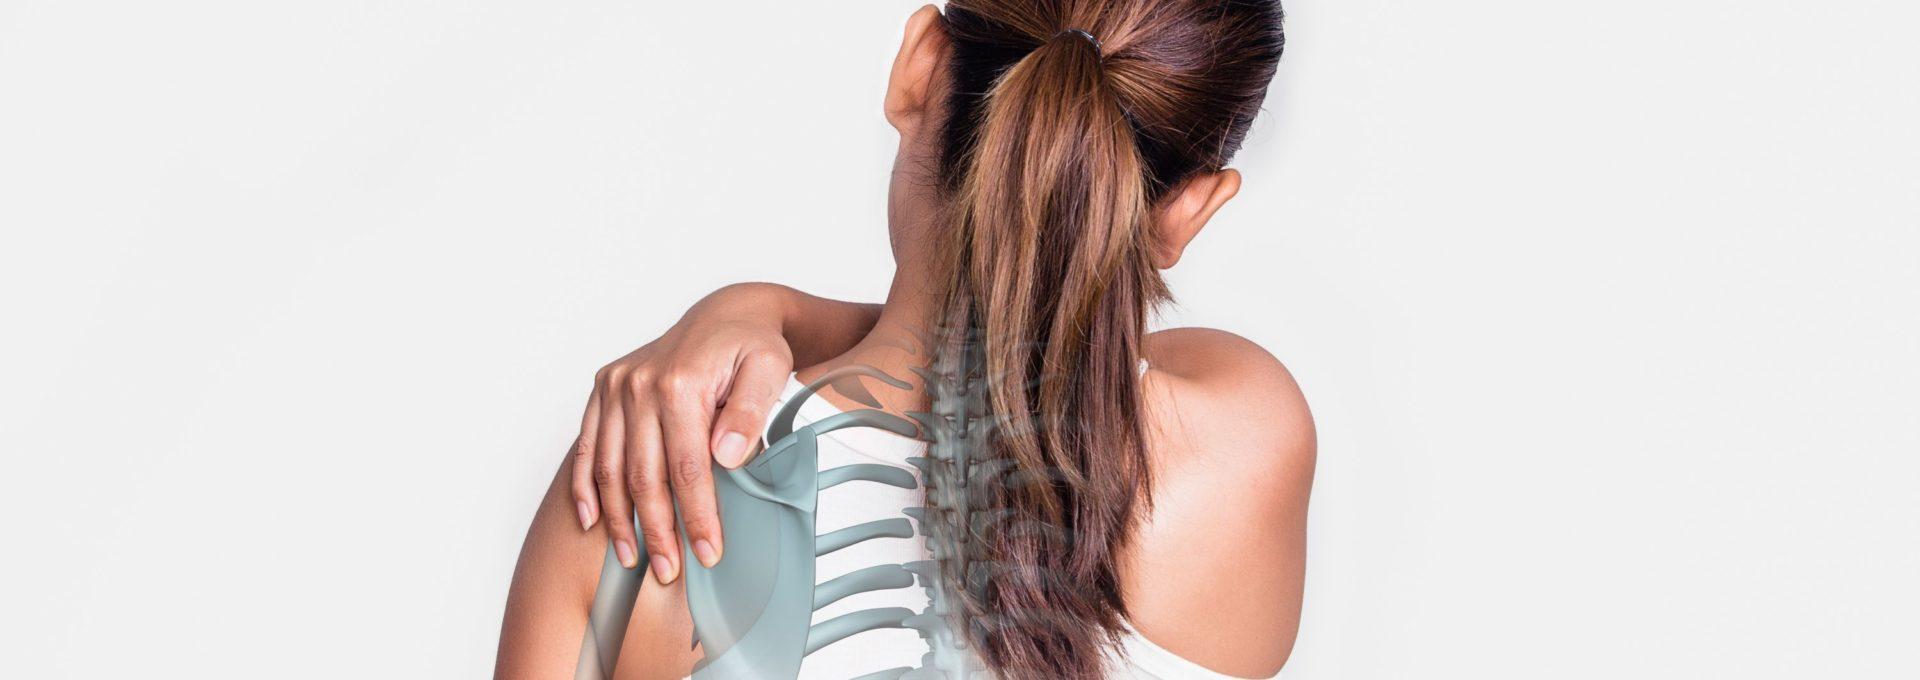 Prótesis de hombro